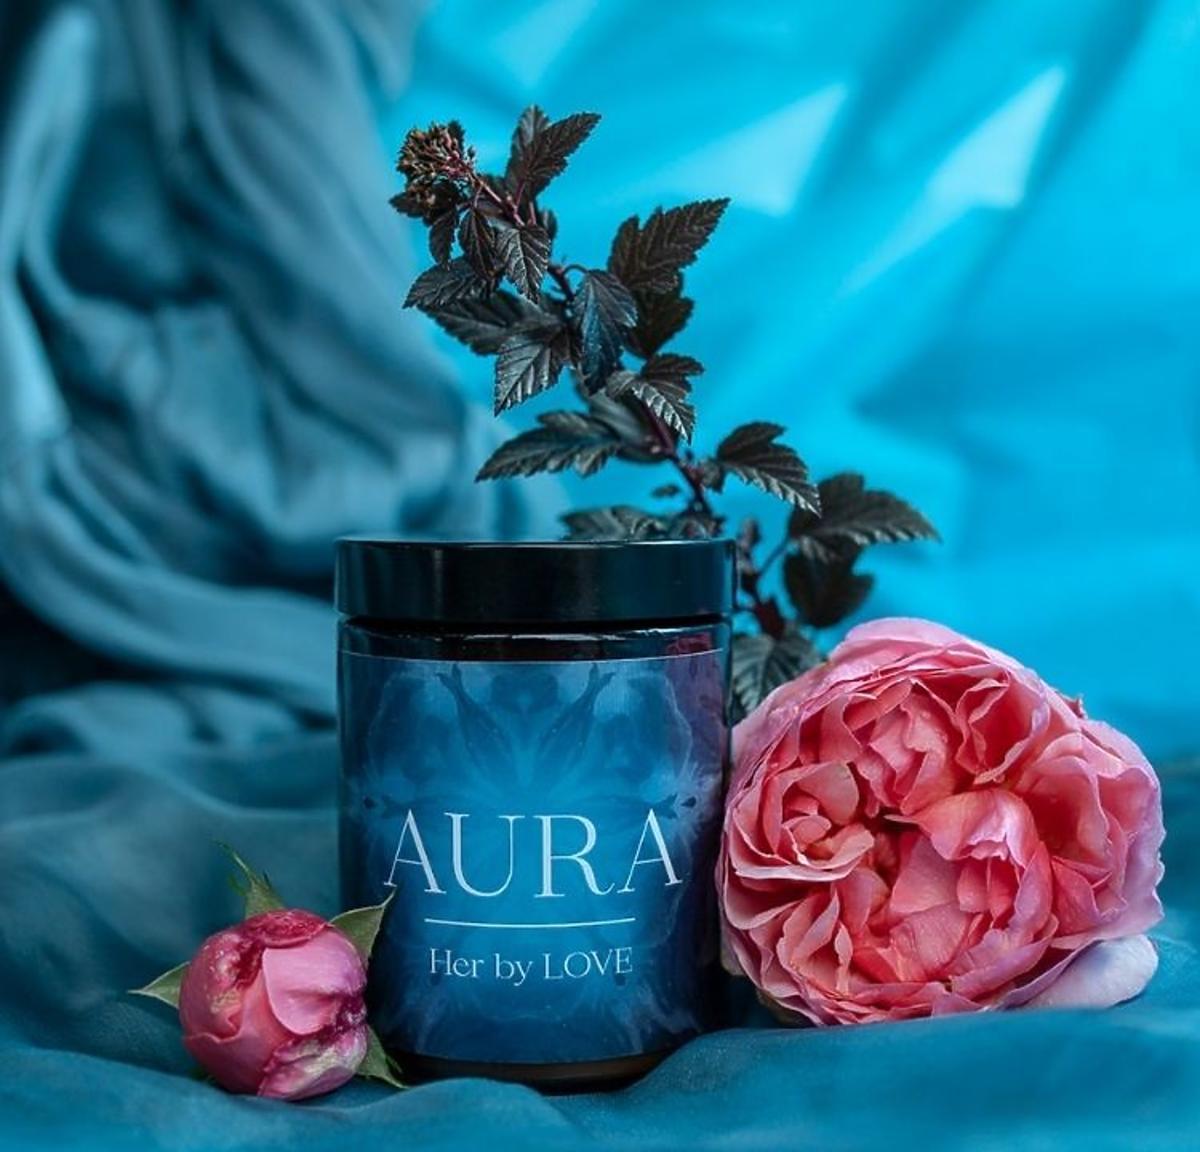 Świeca zapachowa Aura Her By LOVE